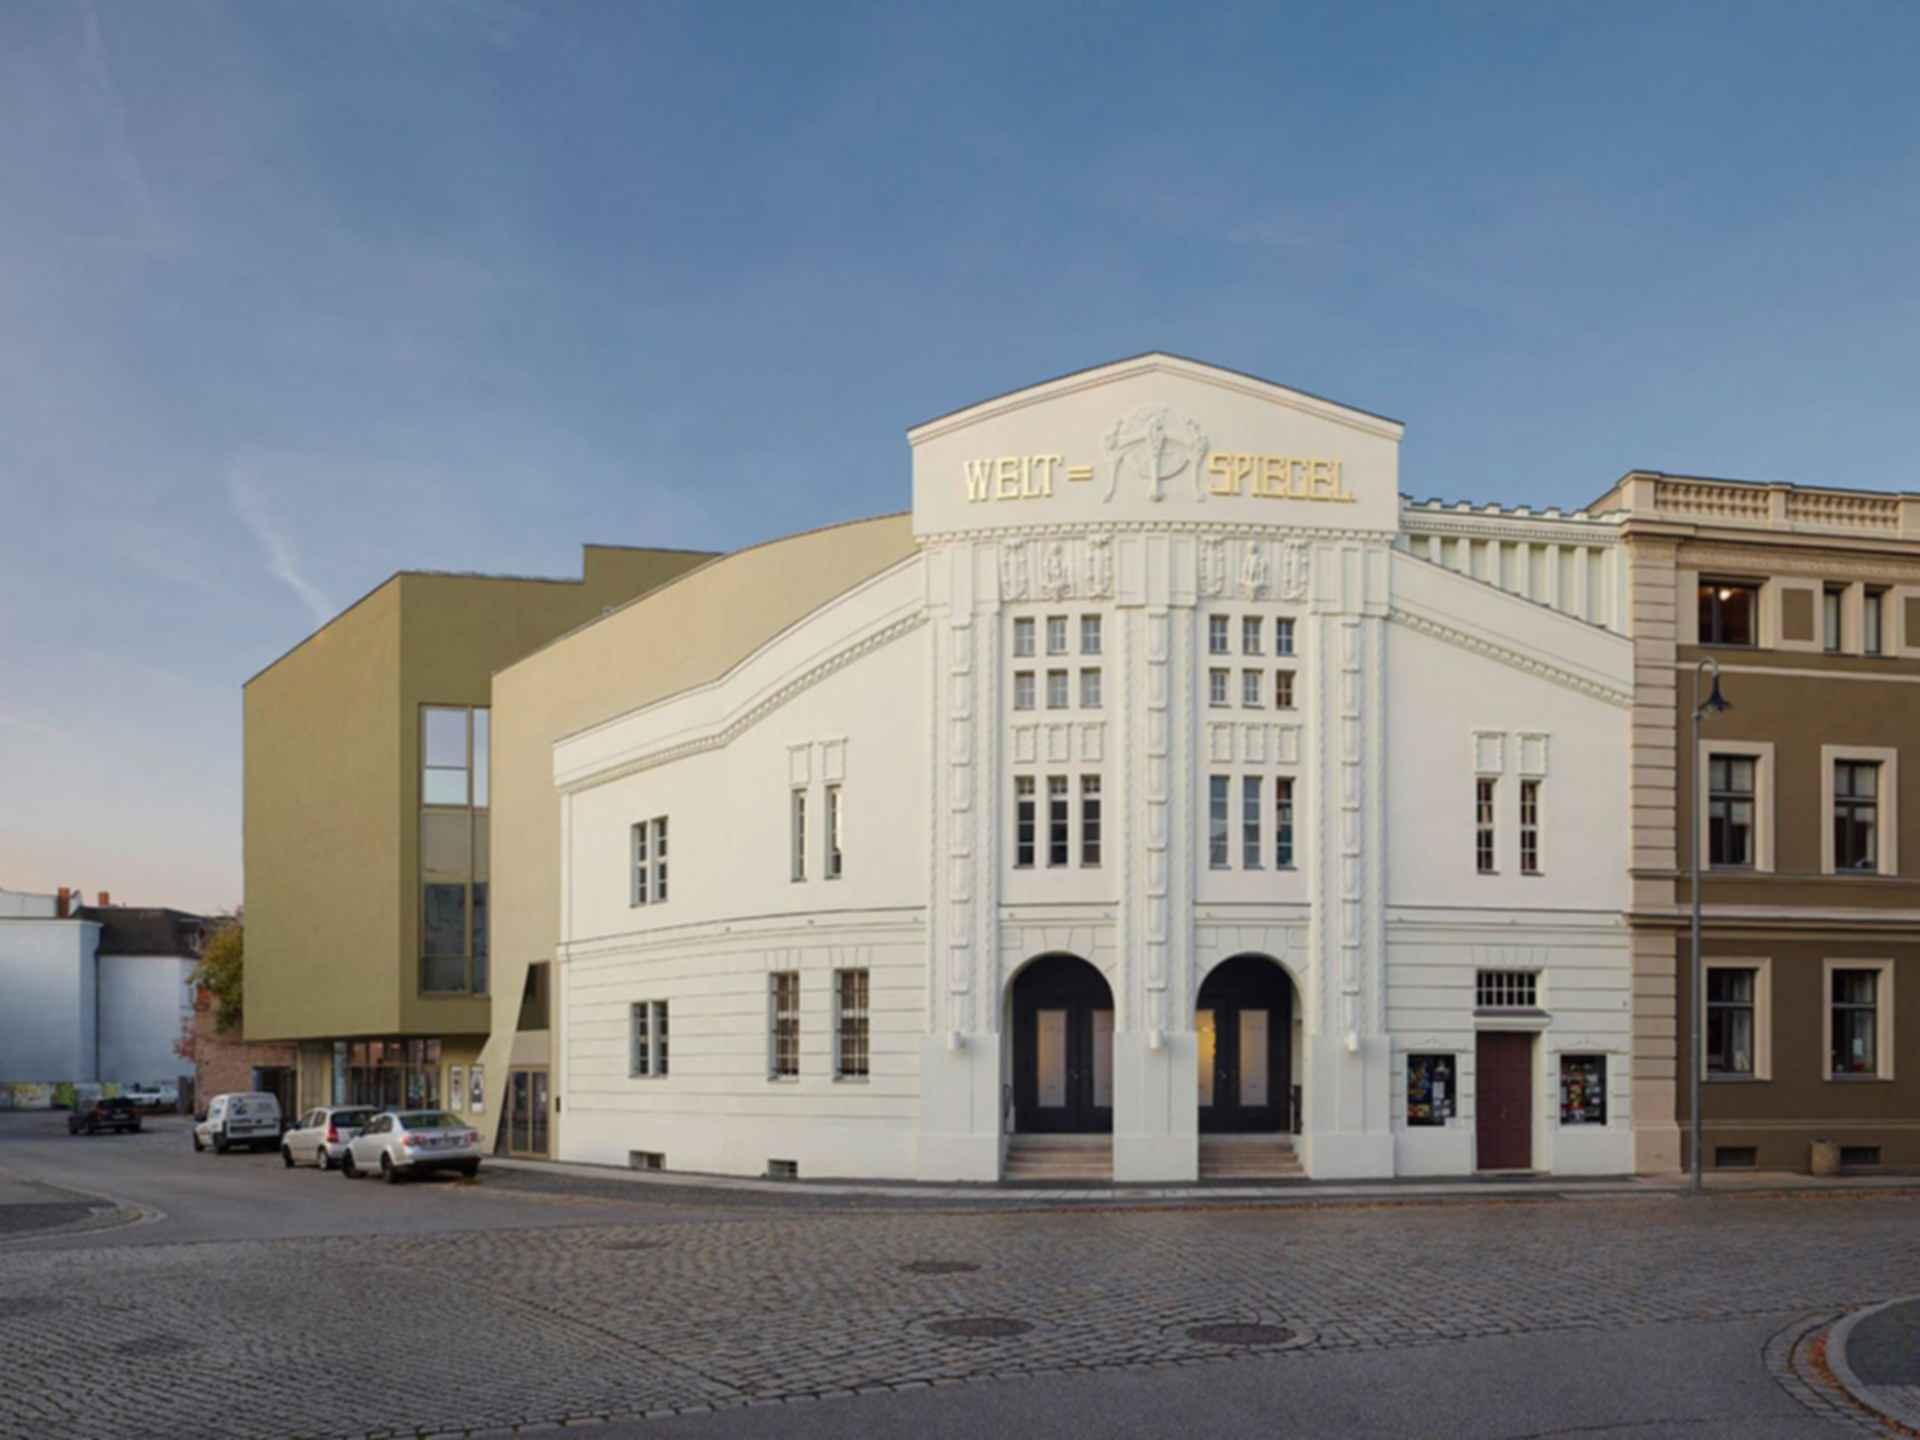 Filmtheater Weltspiegel Cottbus - street facade